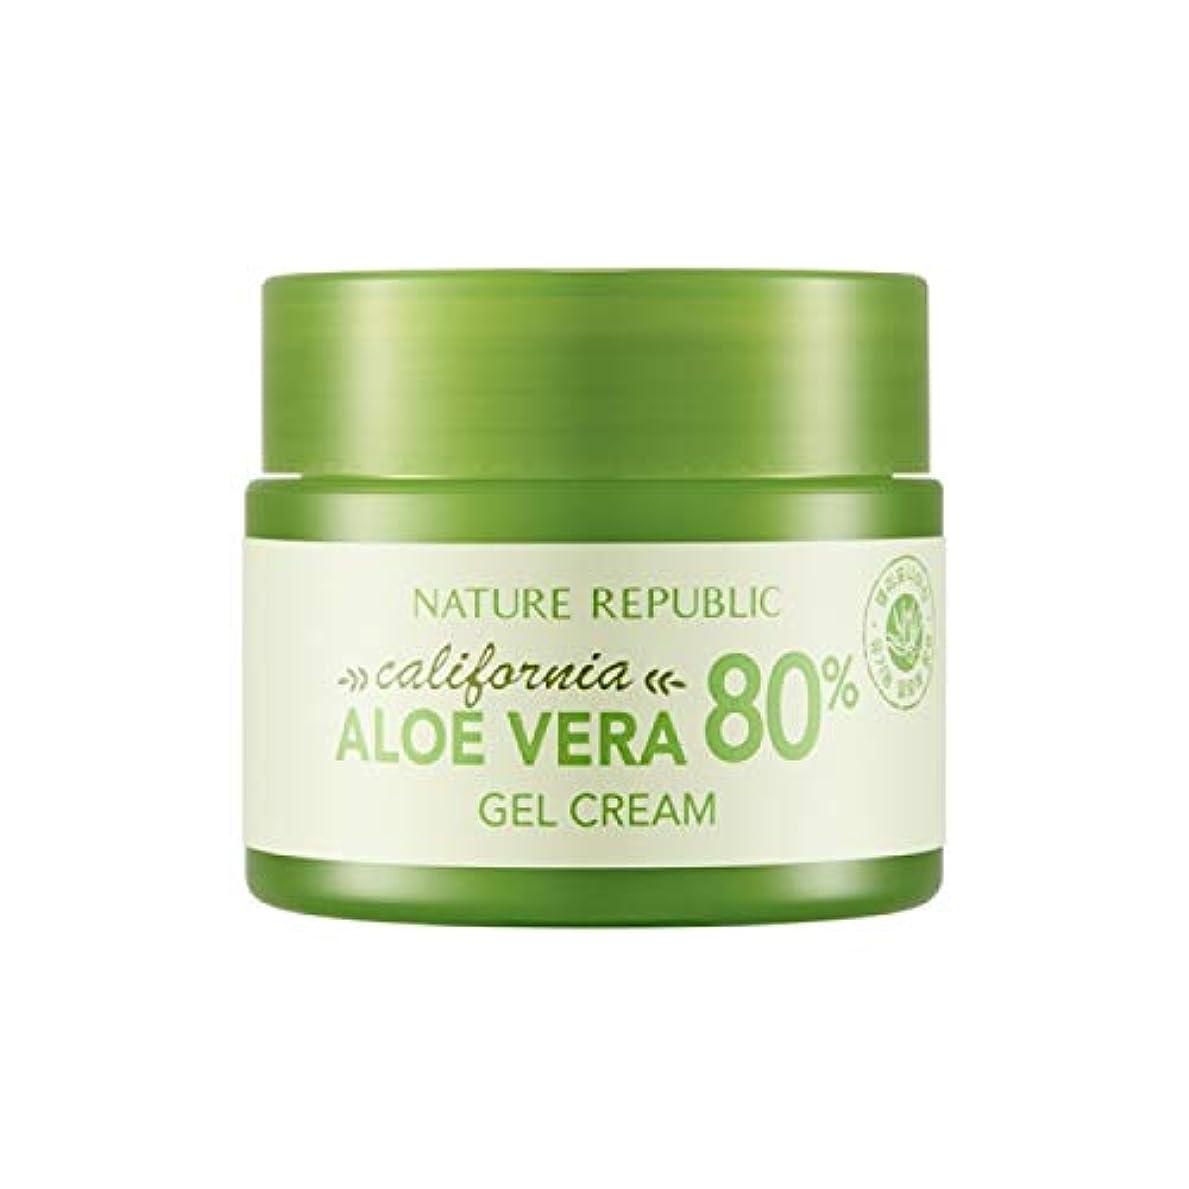 ジーンズパントリー弁護ネイチャーリパブリック(Nature Republic)カリフォルニアアロエベラ80%ジェルクリーム 50ml / California Aloe Vera 80% Gel Cream 50ml :: 韓国コスメ [並行輸入品]